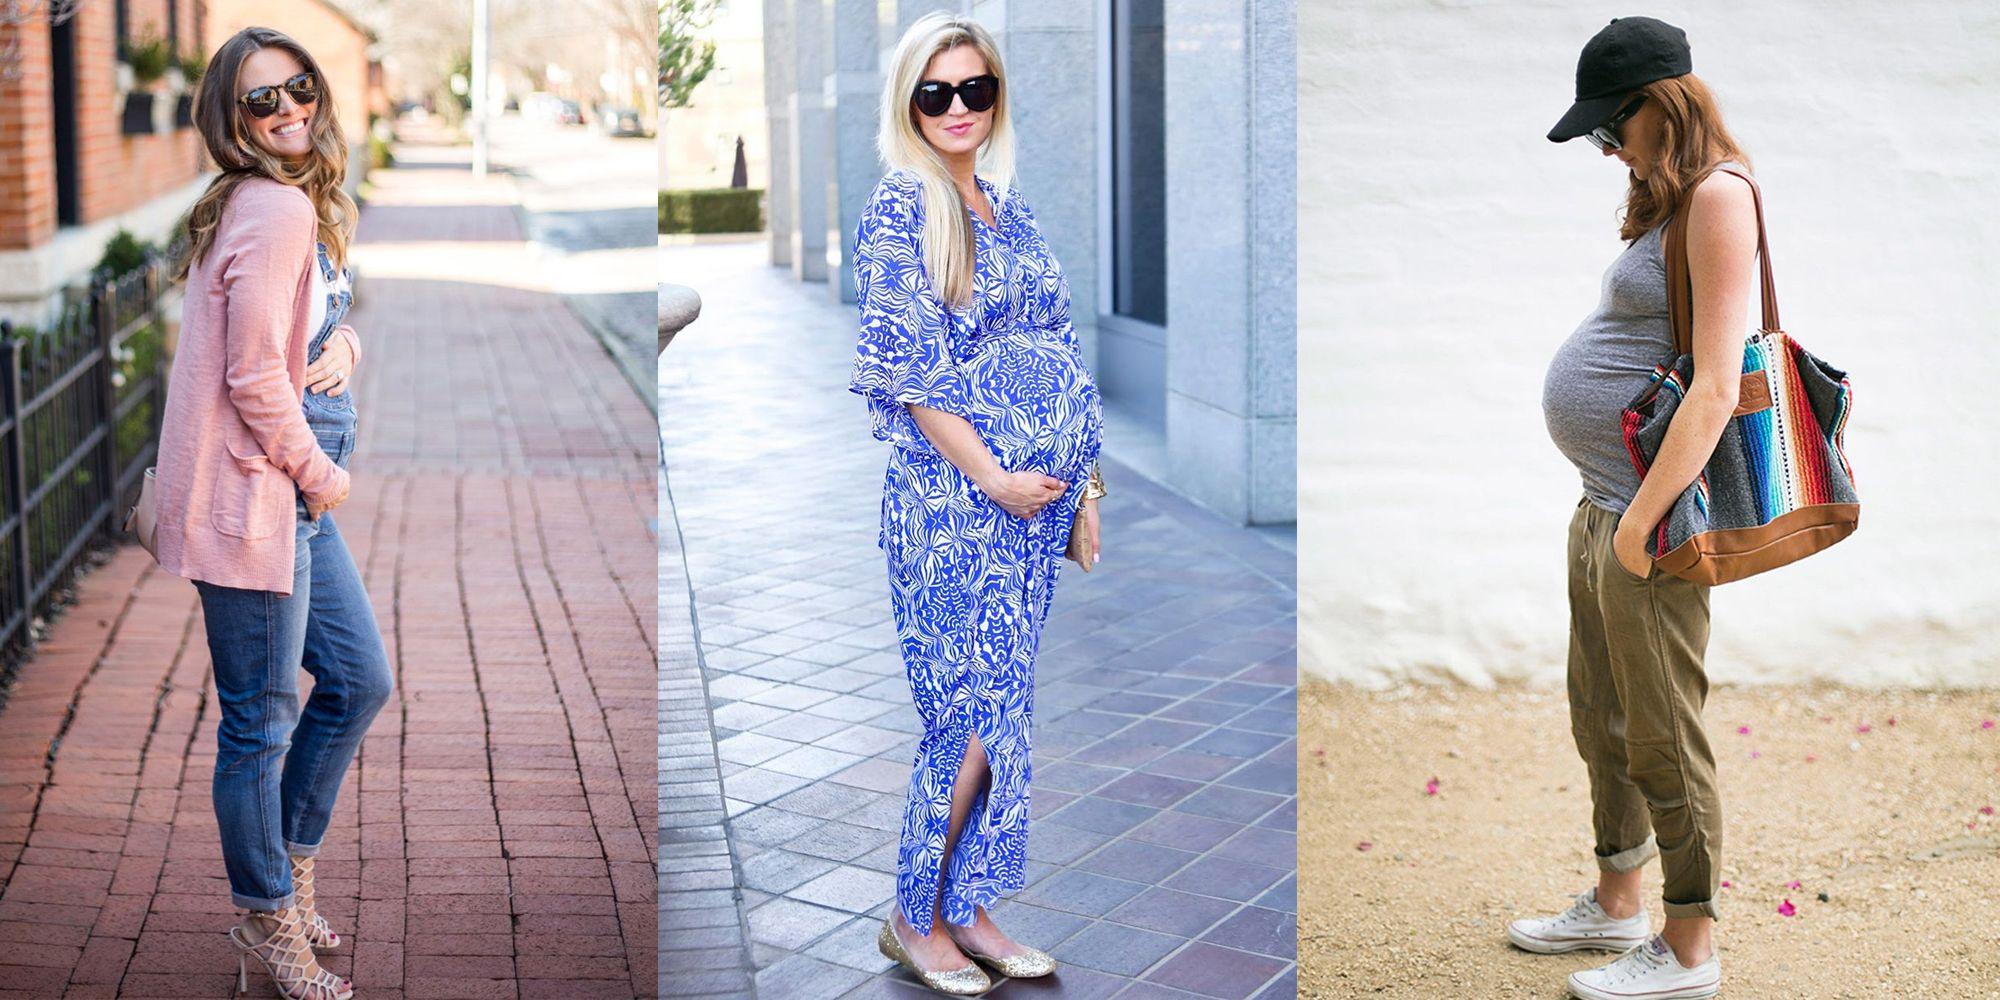 27d45022cba Looks de embarazada  9 meses con estilo - Cómo vestir durante el embarazo